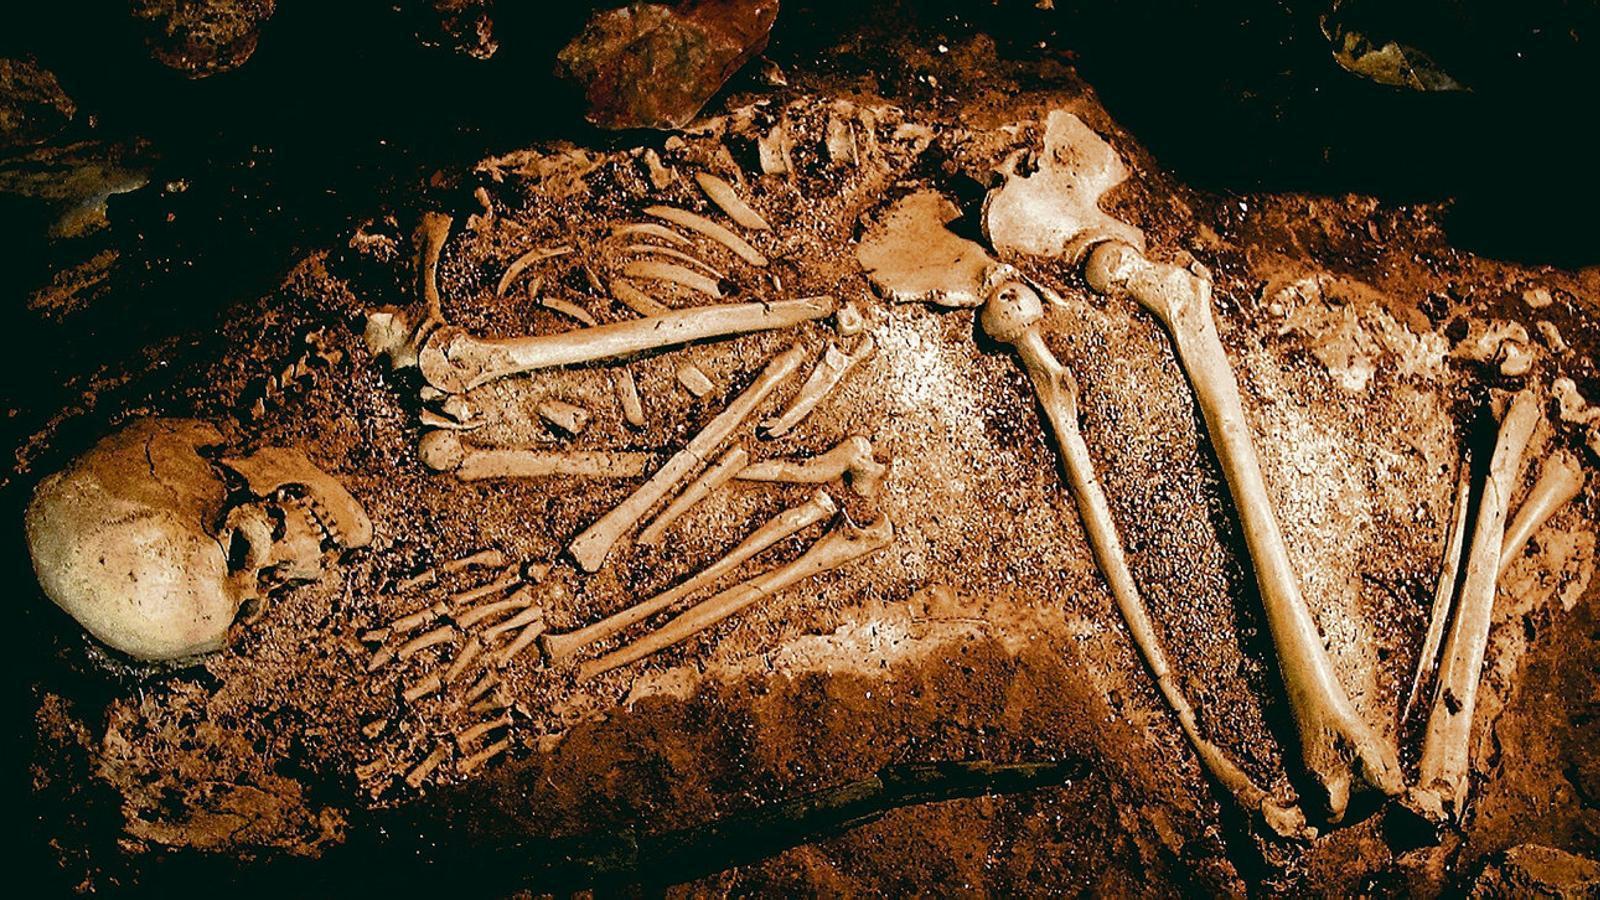 Esquelet d'un neandertal trobat en una excavació.